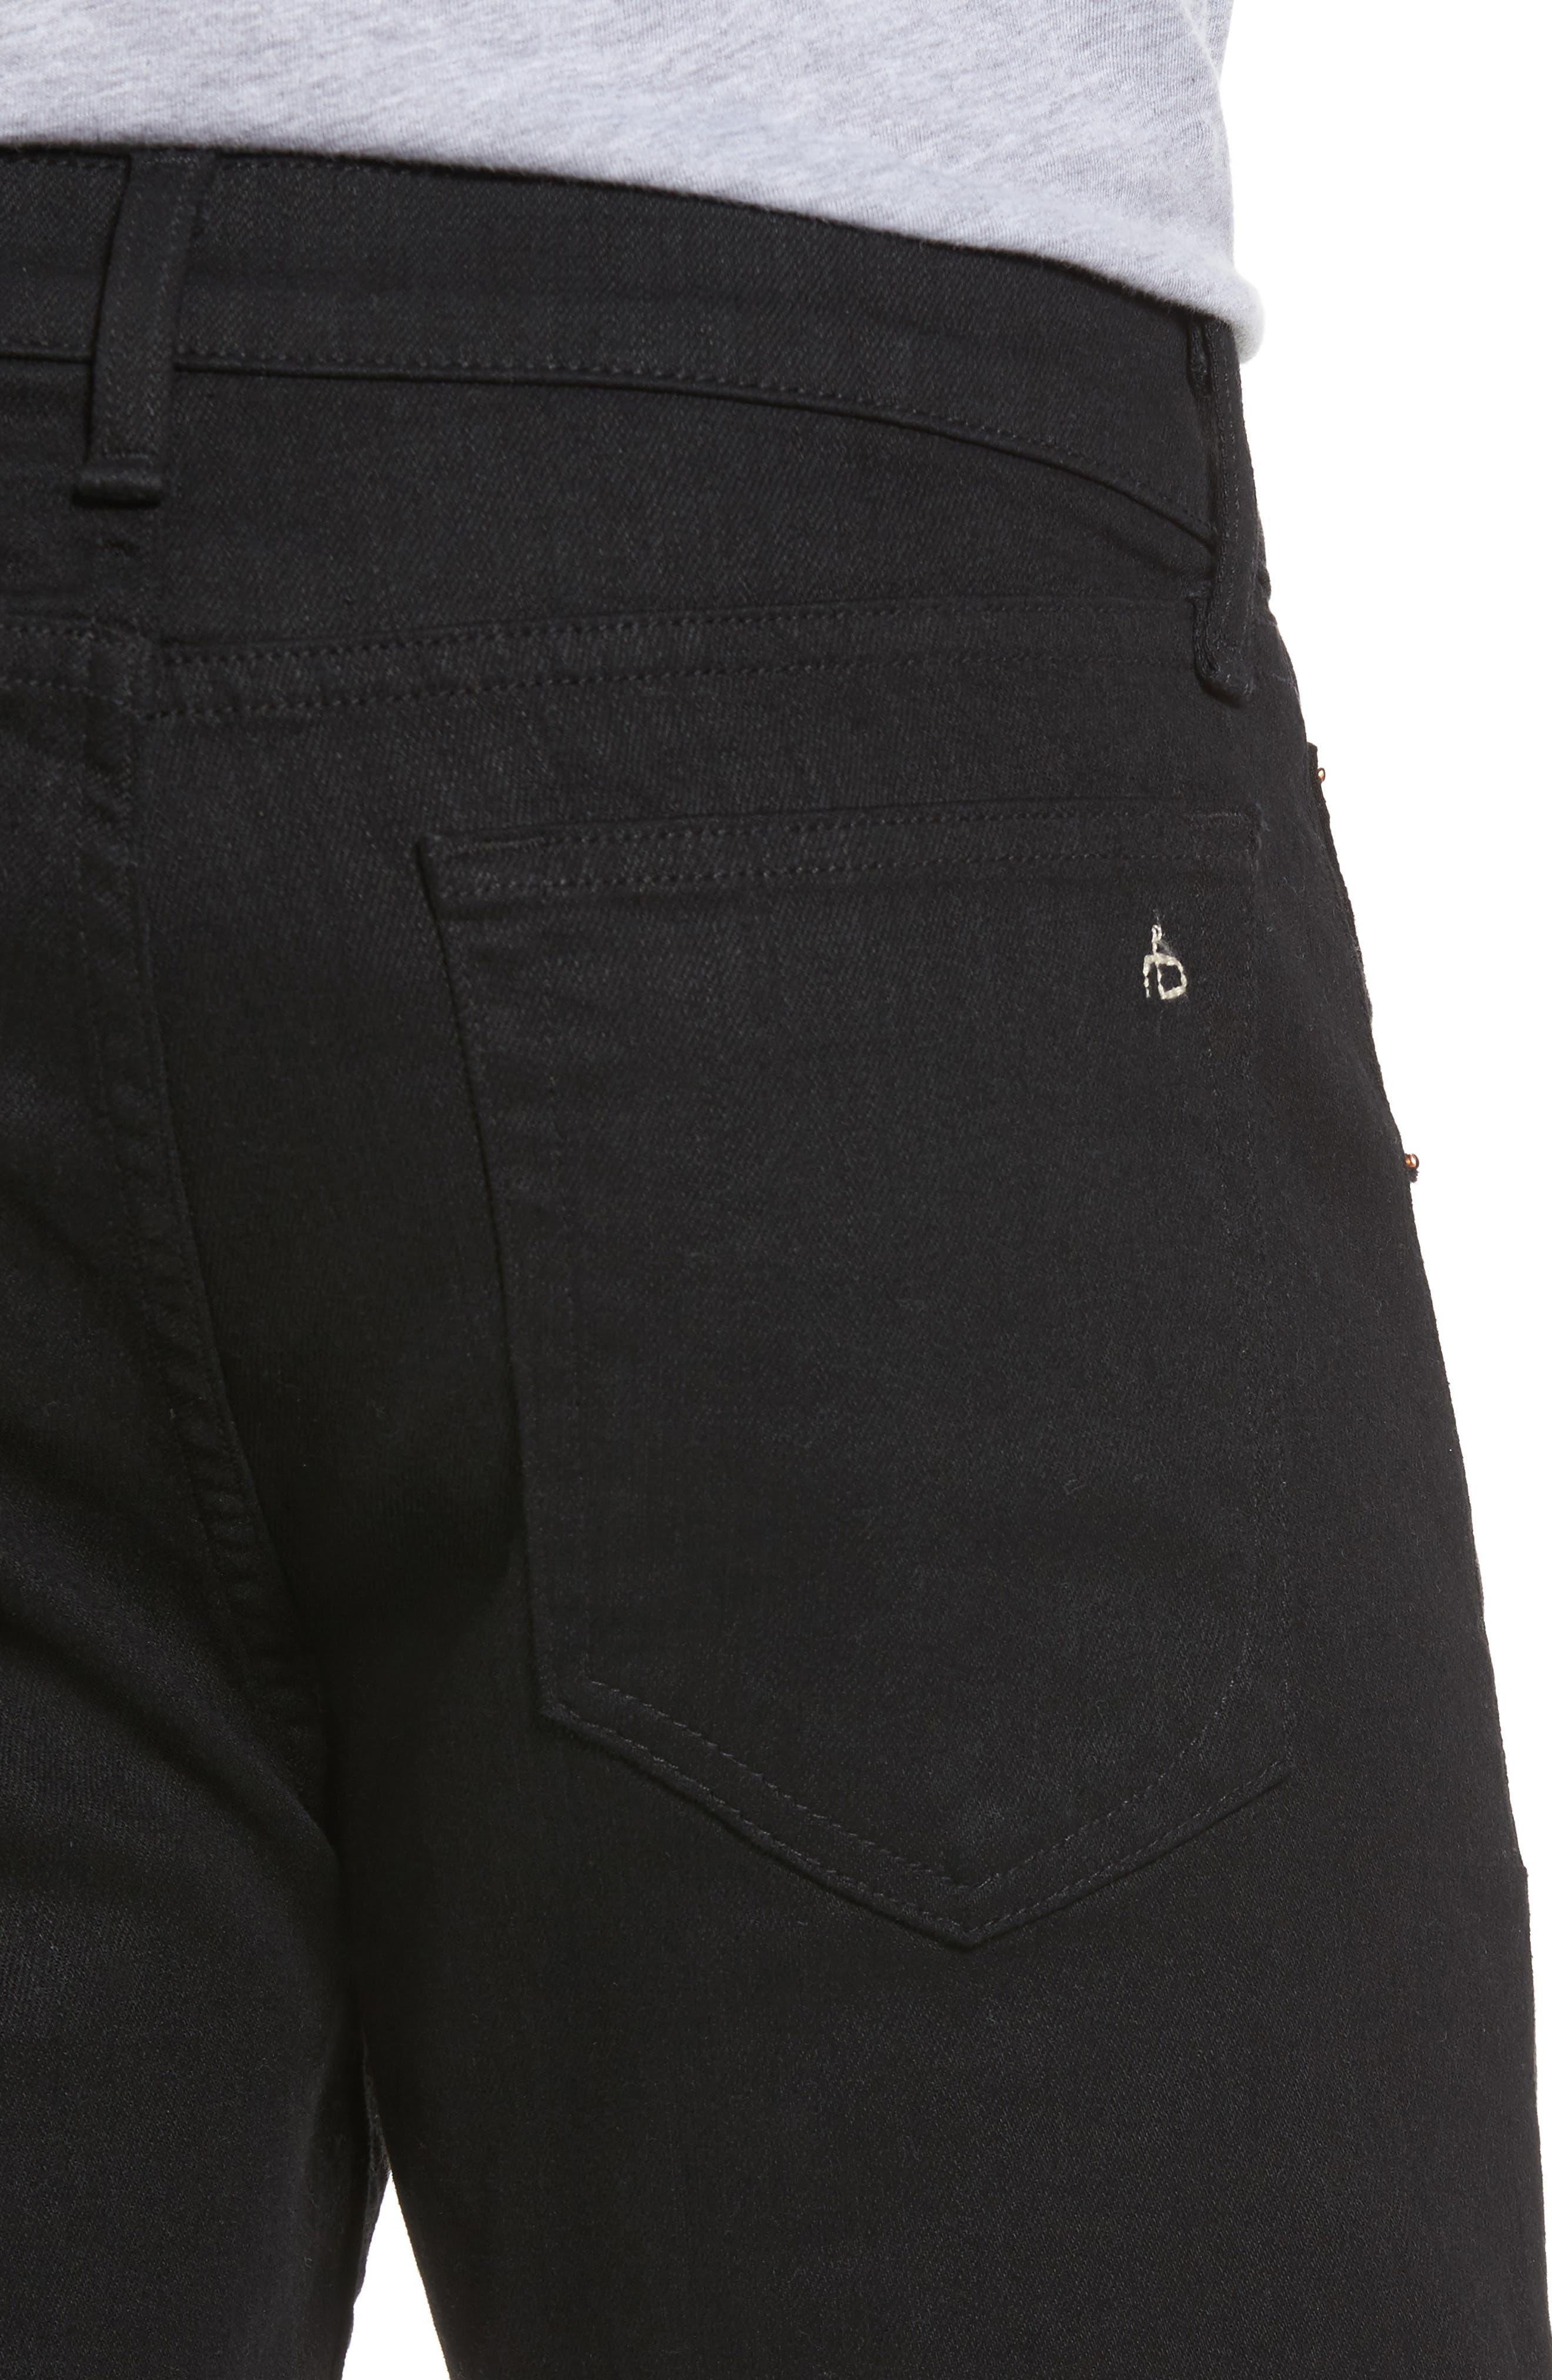 Fit 2 Slim Fit Jeans,                             Alternate thumbnail 4, color,                             BLACK